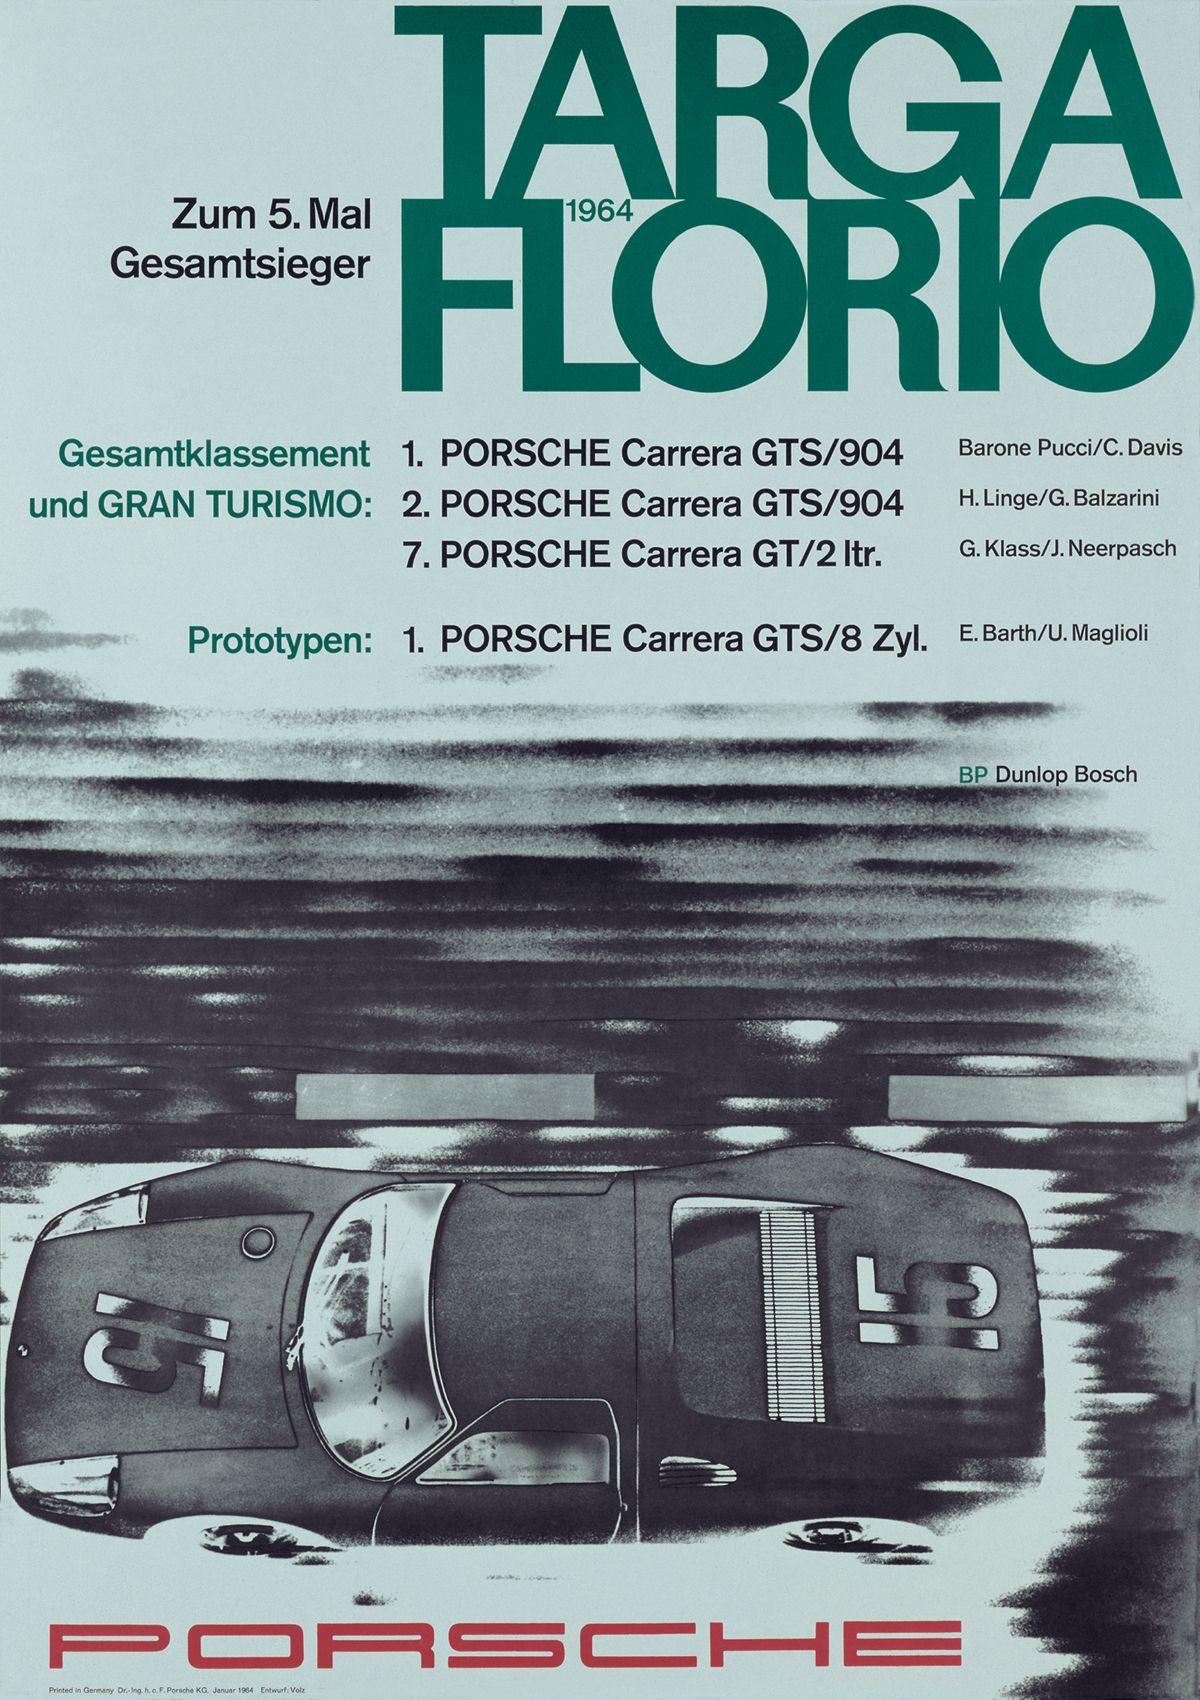 Cartel Targa Florio